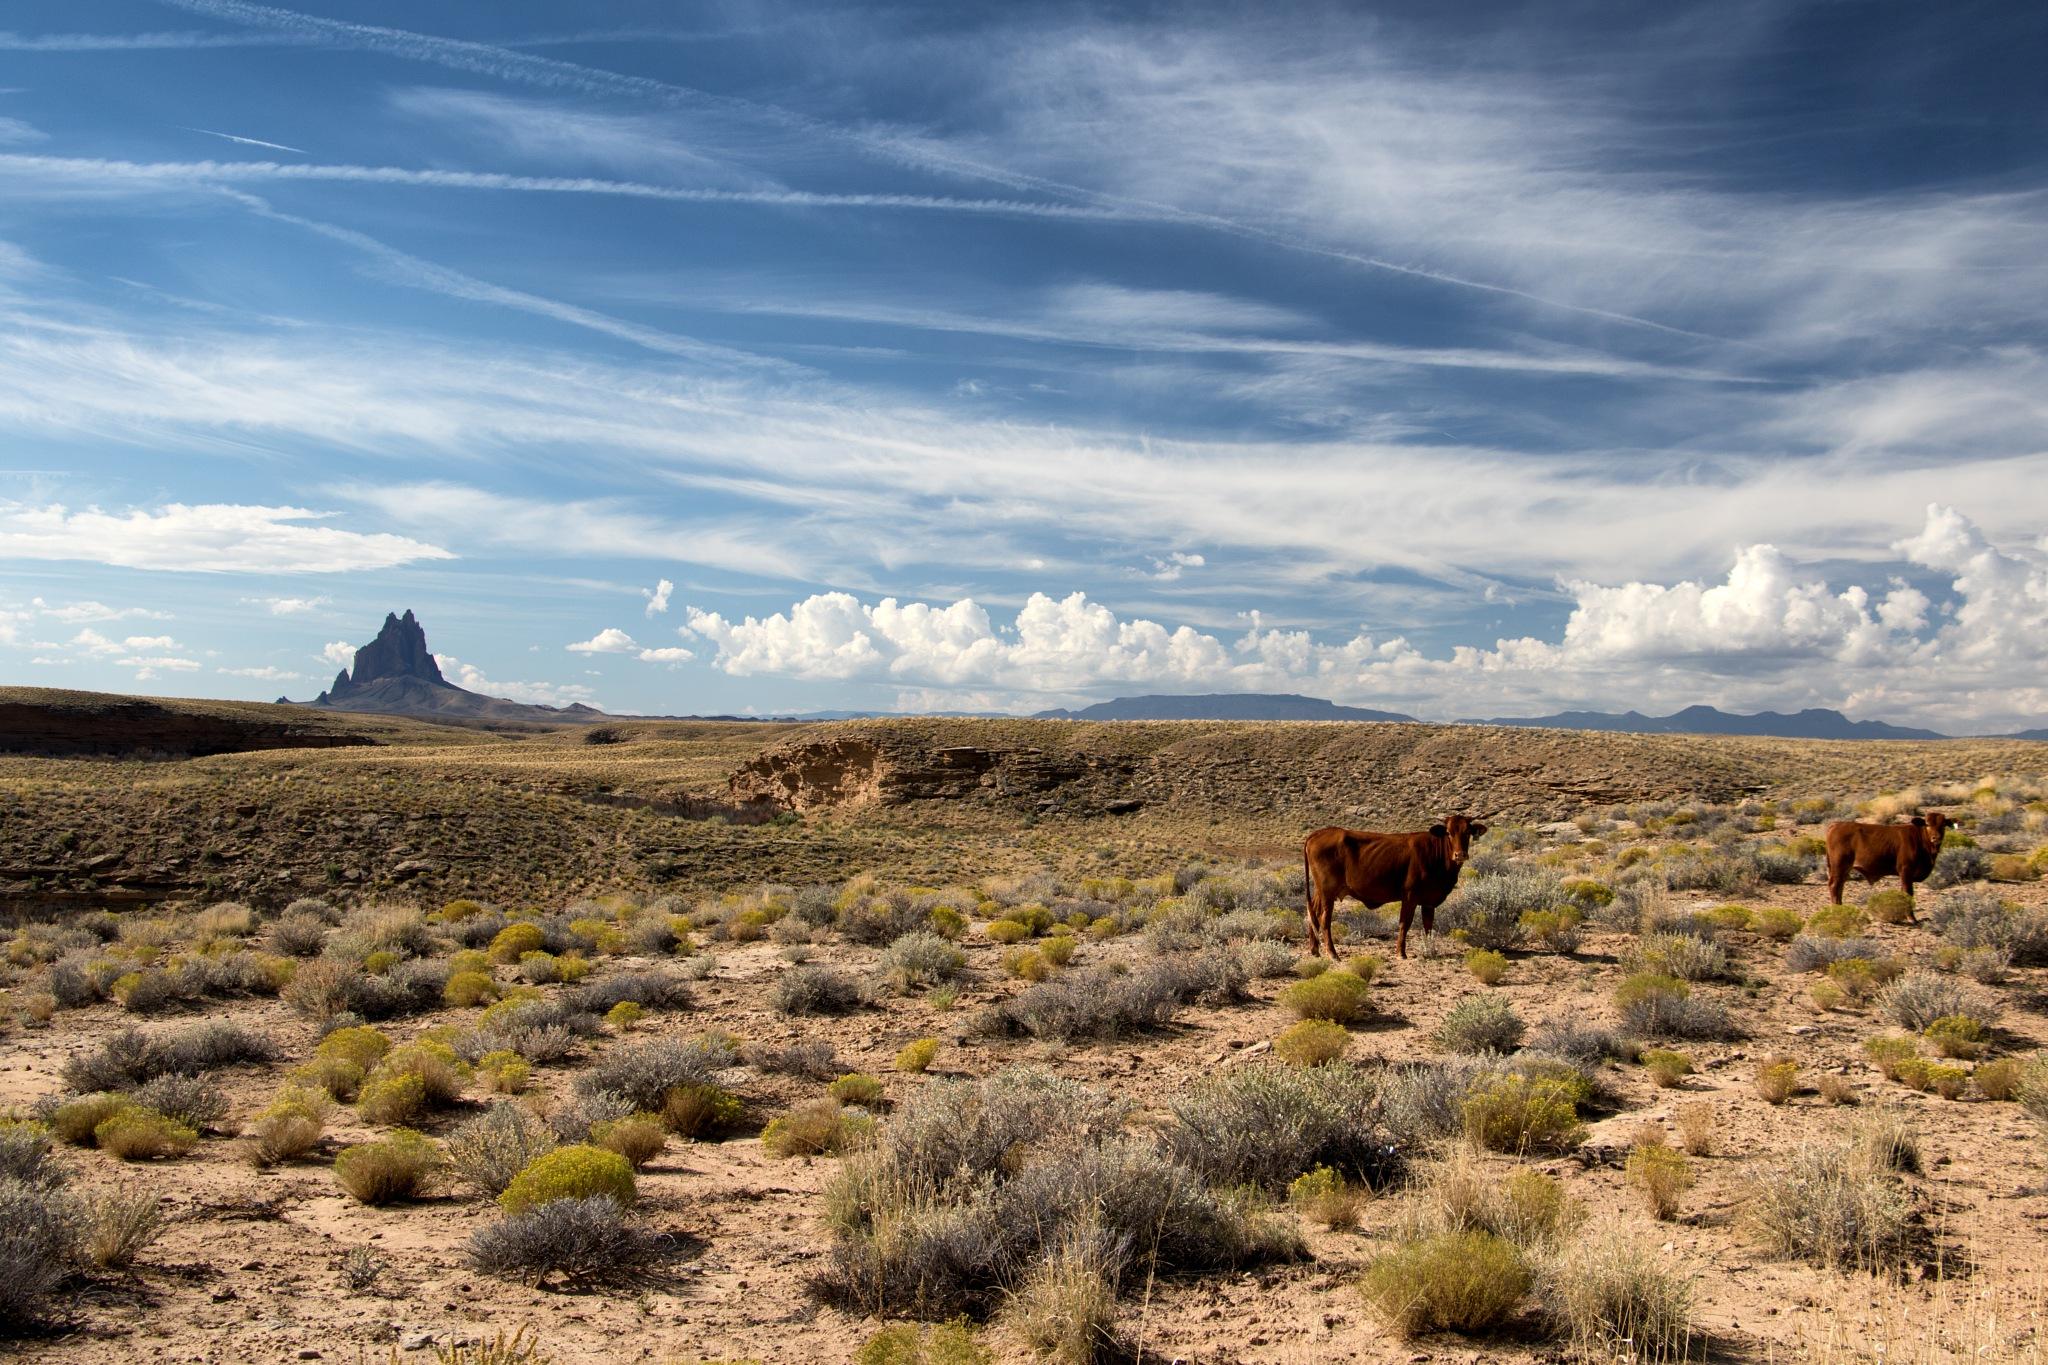 Shiprock - New Mexico-4 by Benjamin Hernandez